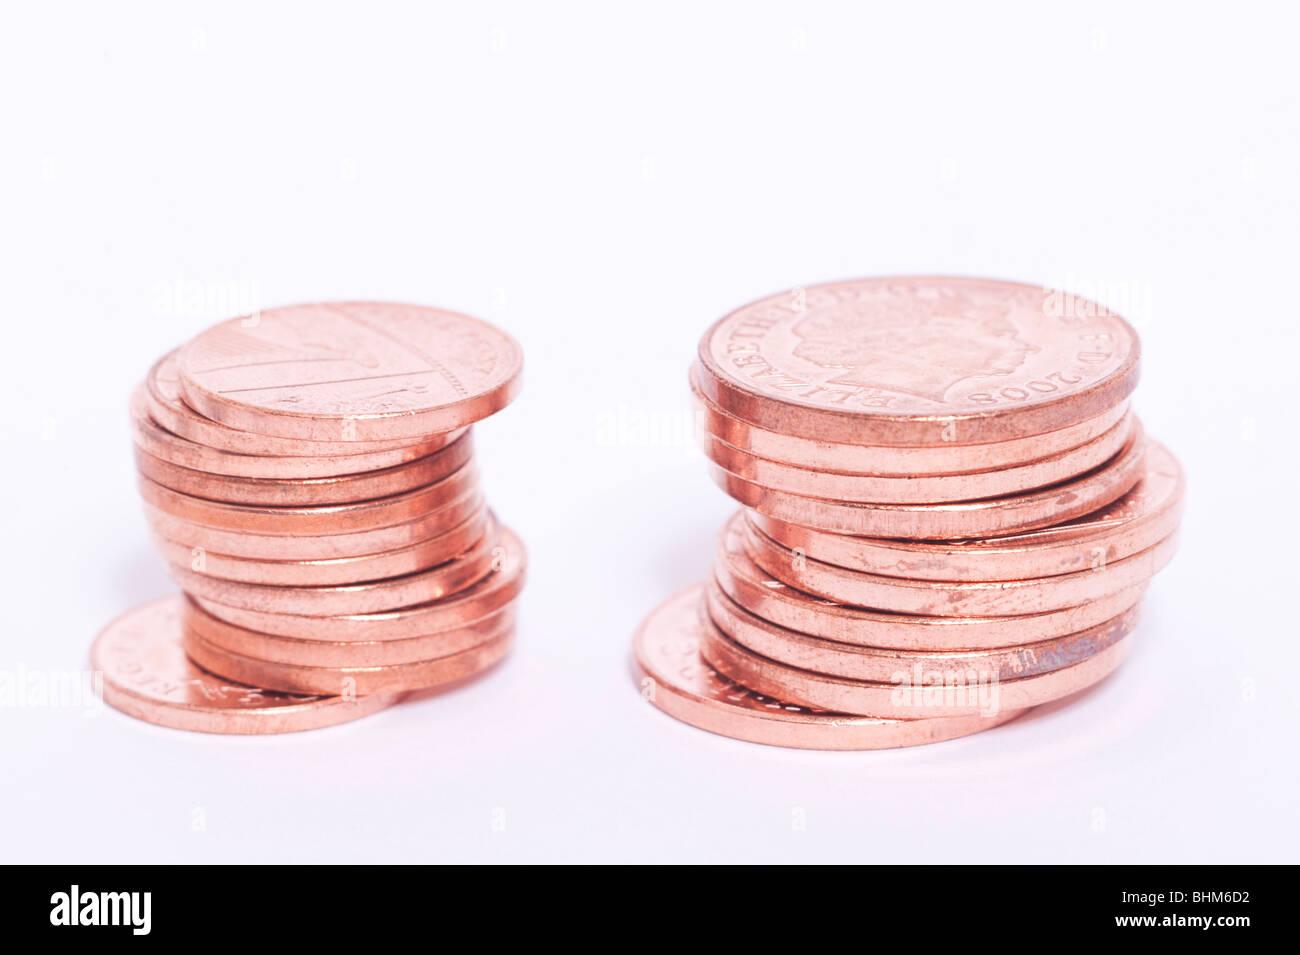 Eine Auswahl an britischen Münzen (2 & 1 Pence Coppers) auf weißem Hintergrund Stockbild